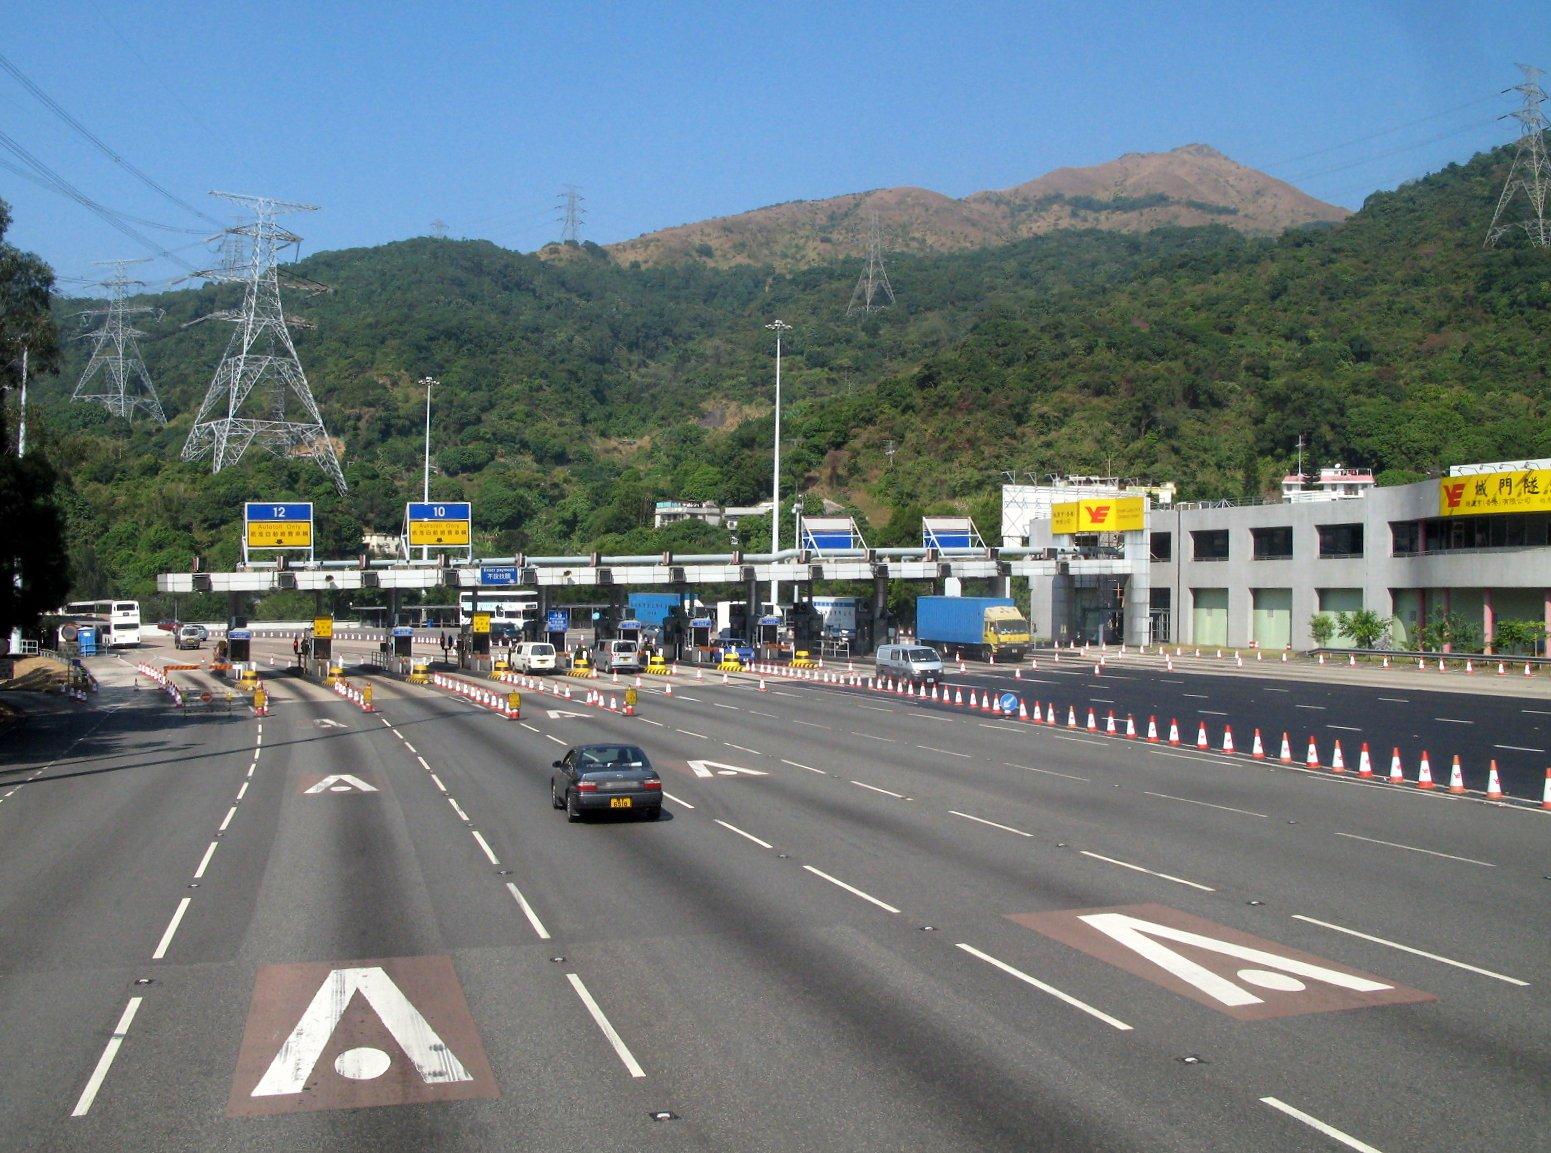 下周日(23日),城門隧道將開始實施「停車拍卡」式電子繳費,駕駛者可使用八達通及三款信用卡拍卡繳付隧道費,預料將節省一半人手找續所需的時間。(Wikimedia Commons/WiNG)